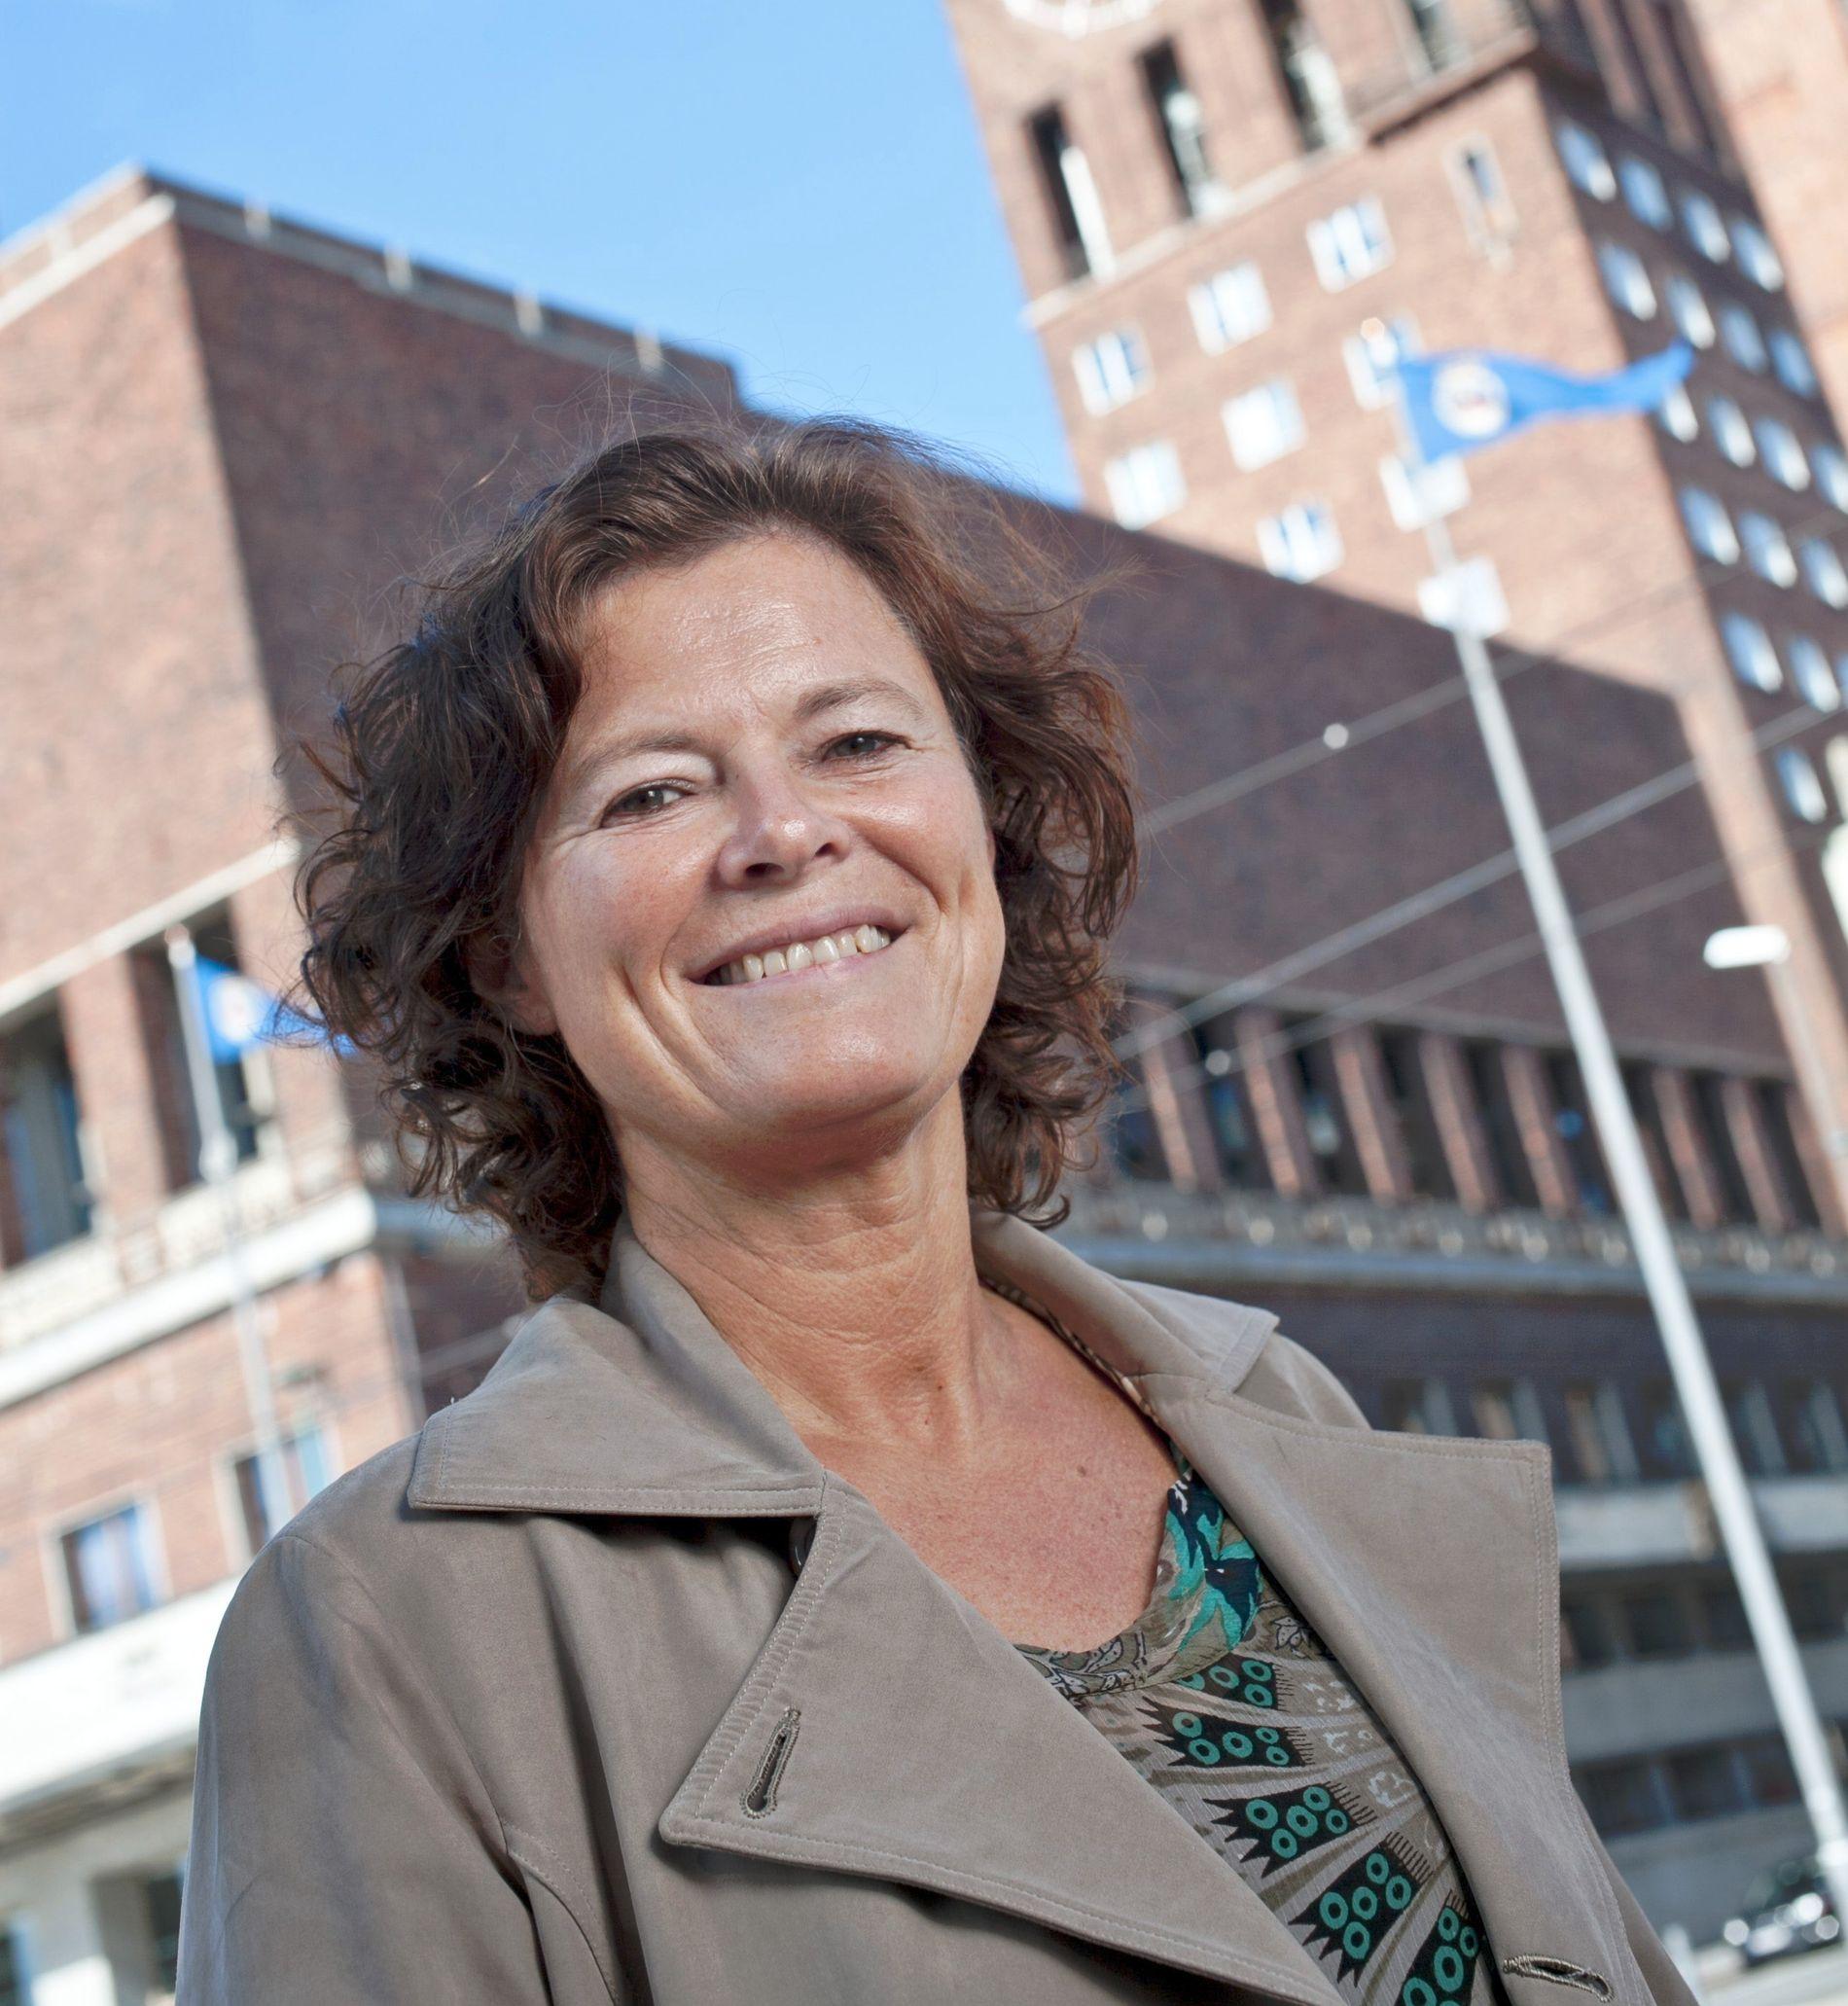 KOMMUNALDIREKTØR: Bente Fagerli er skolesjef Astrid Søgnens sjef. Hun sier at hun på ingen måte har påvirket innholdet i rapportene.